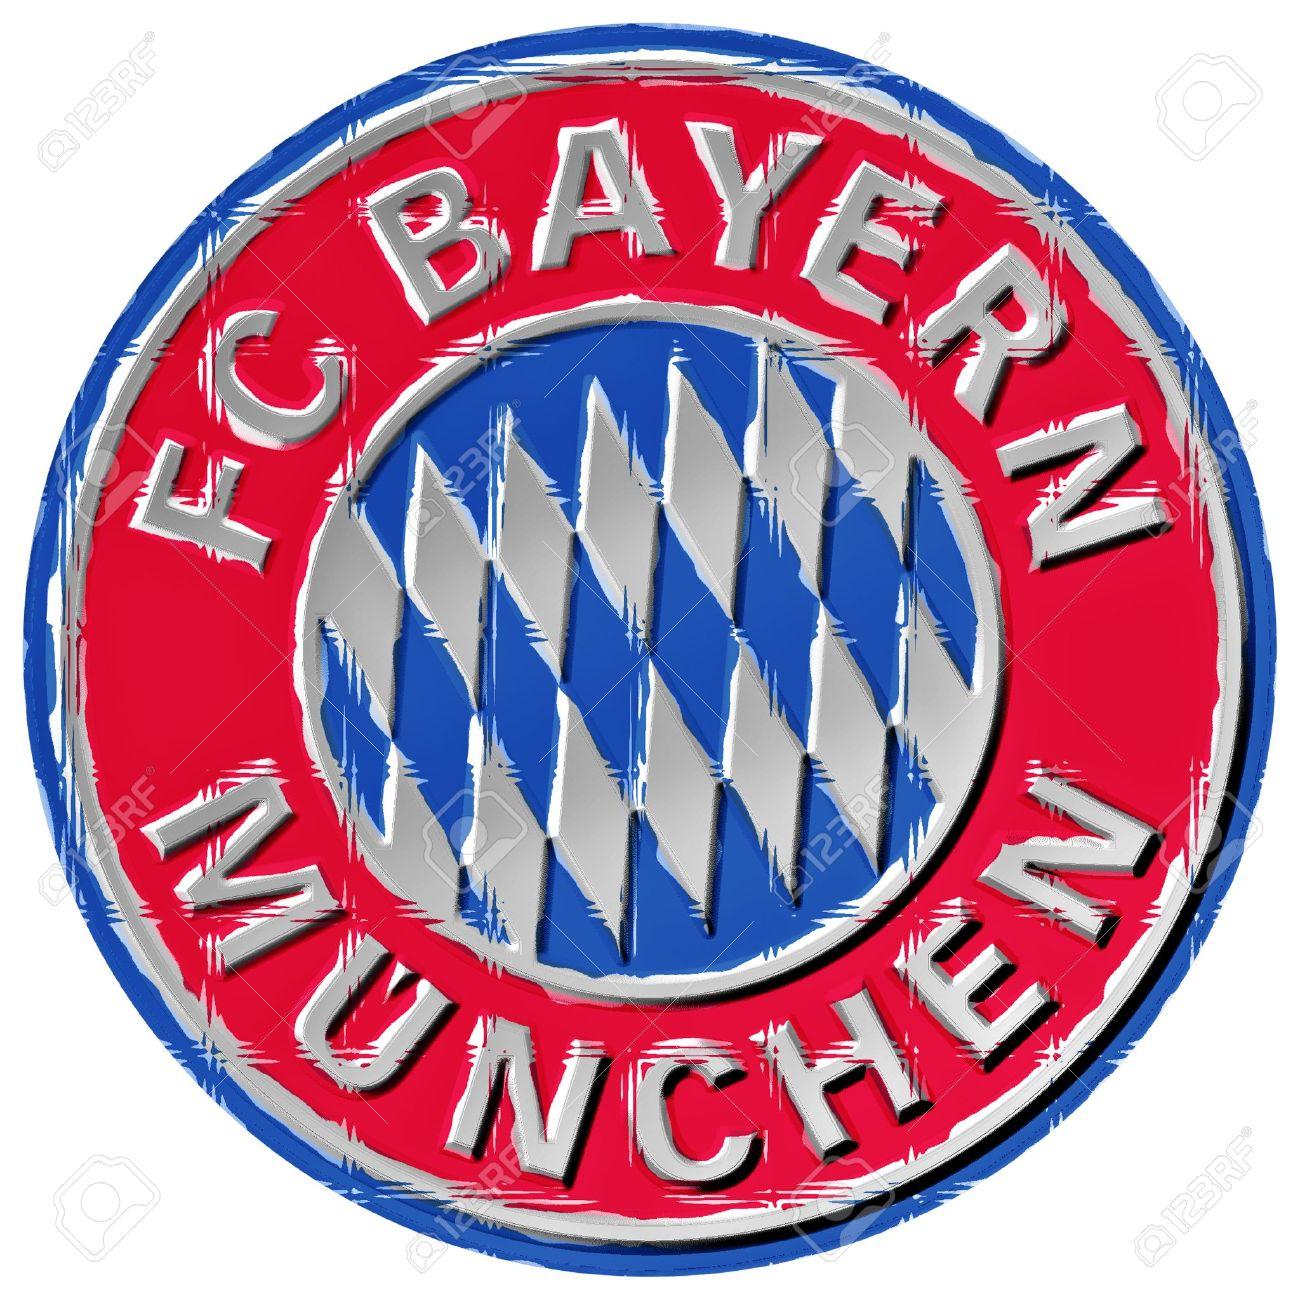 ドイツ サッカー チーム FC バイ...